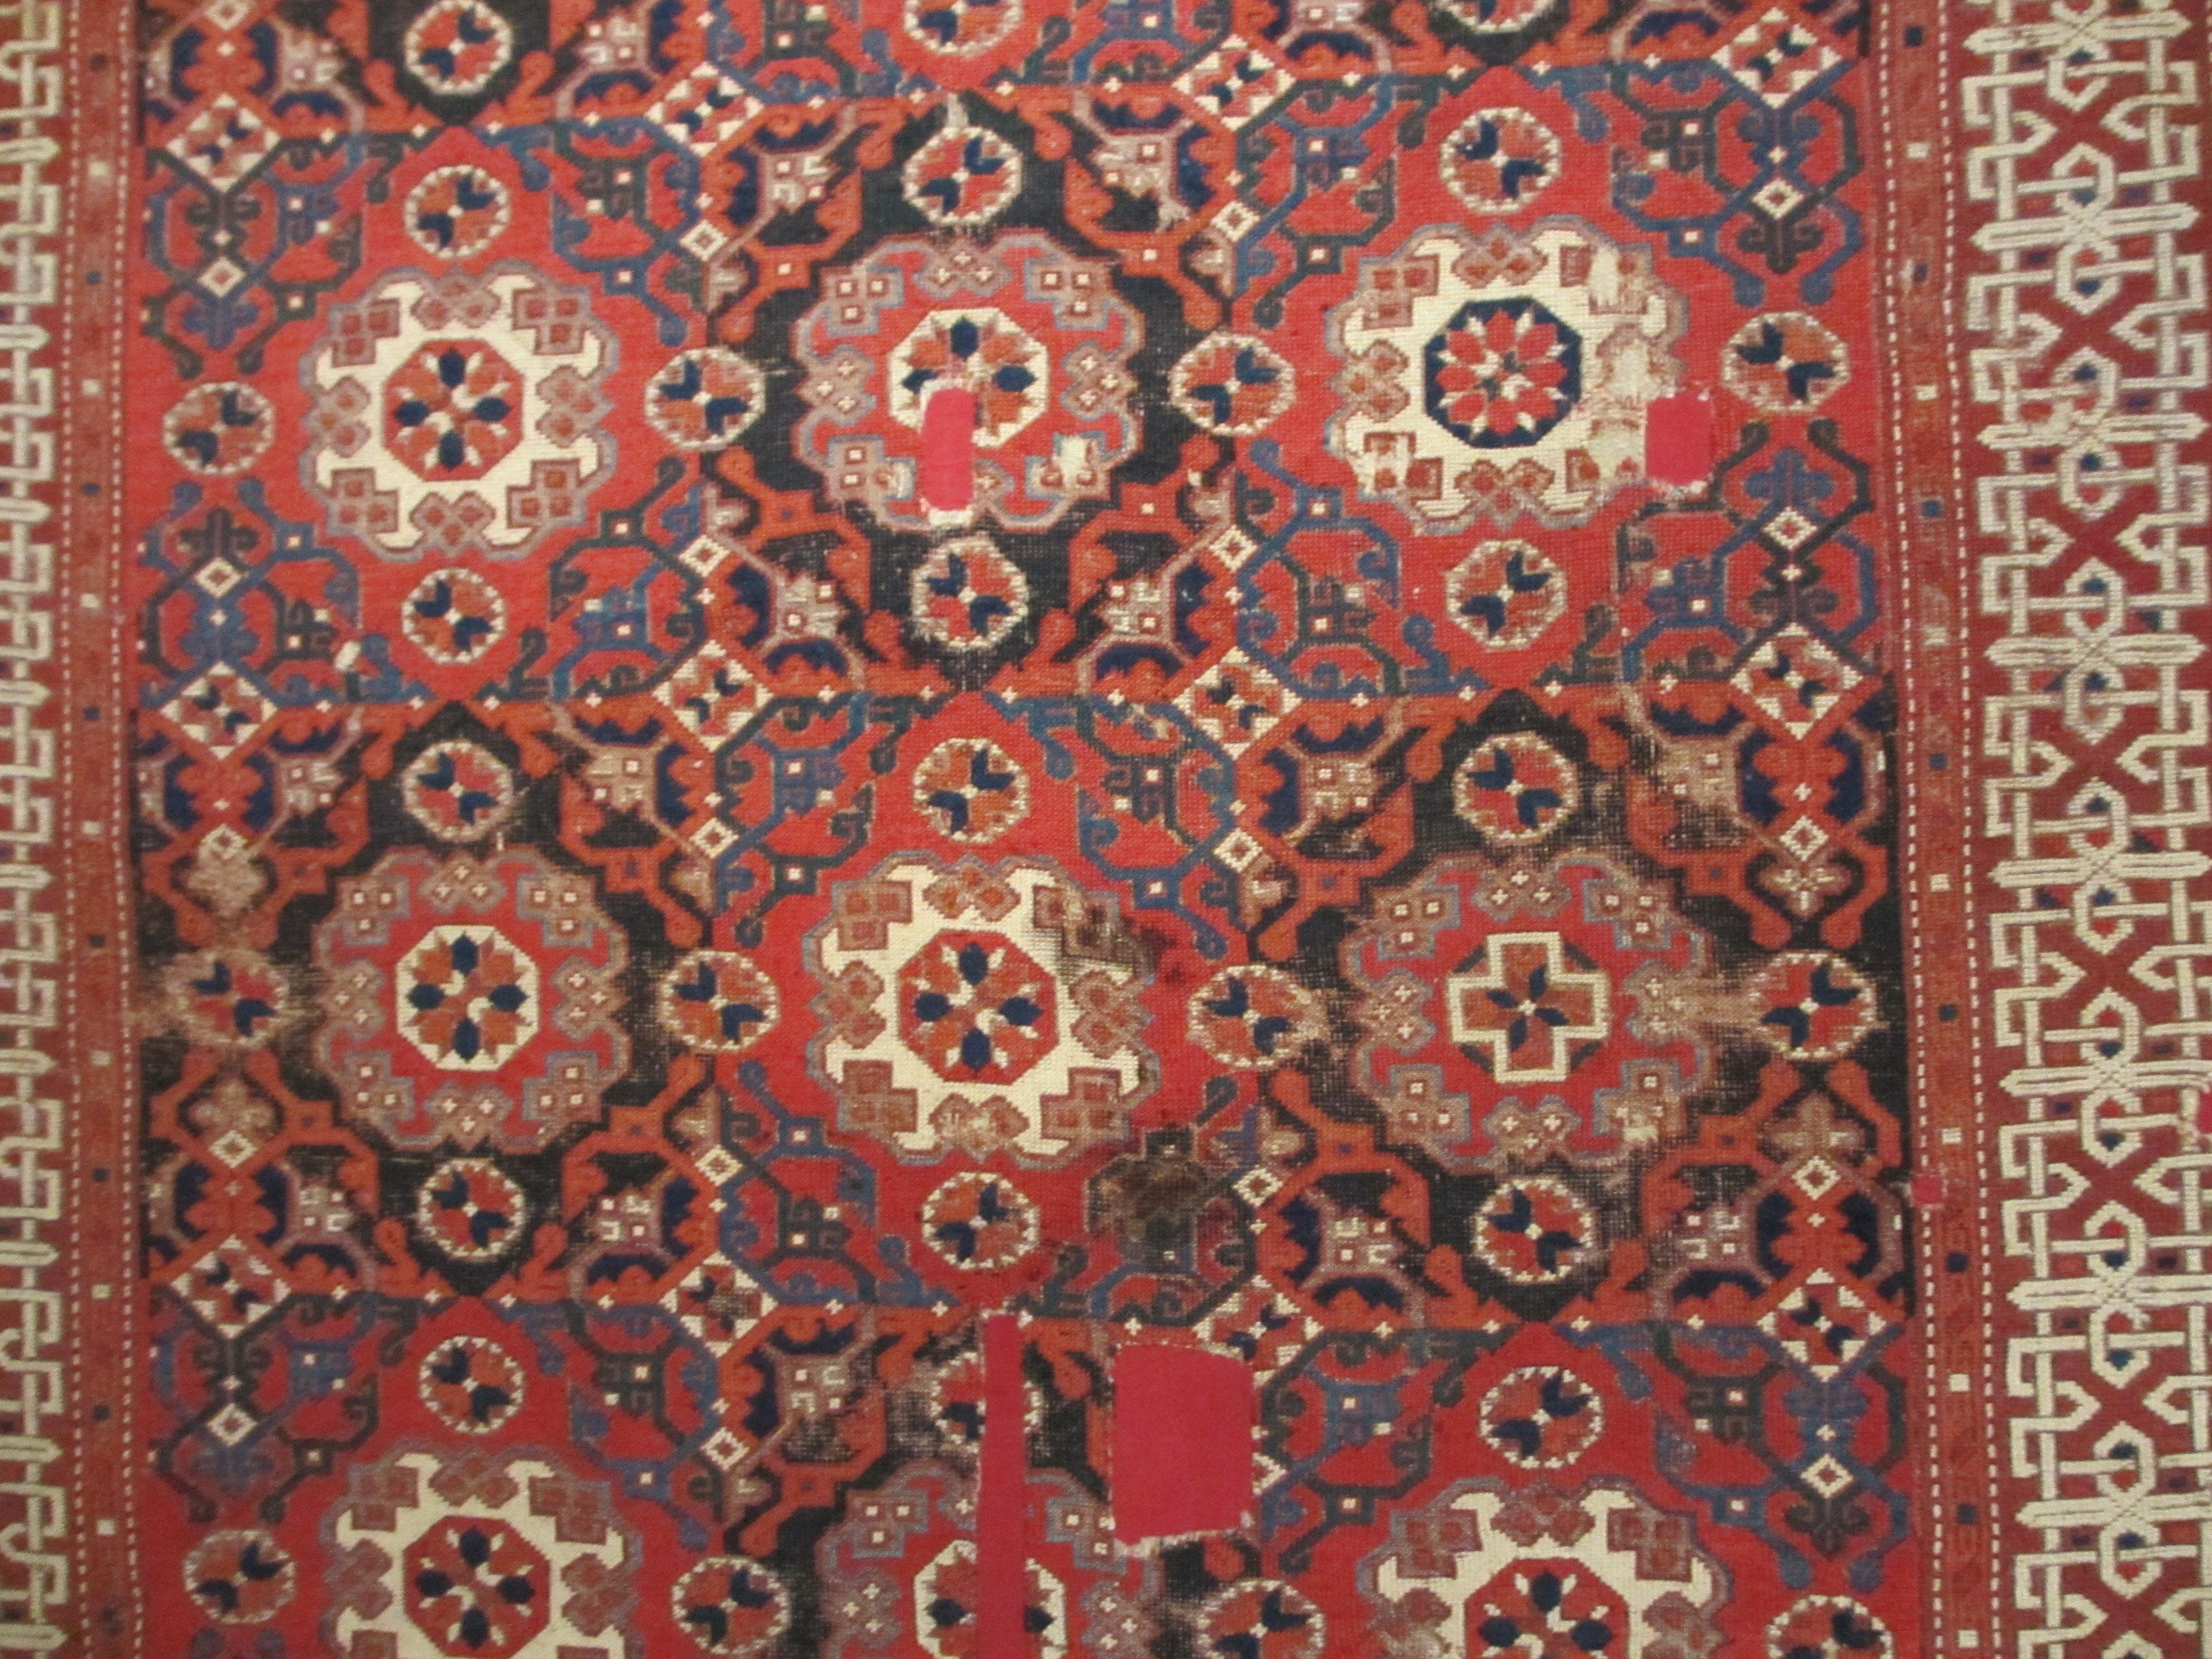 一些伊斯兰风格的挂毯花纹非常美丽.而且有实用价值